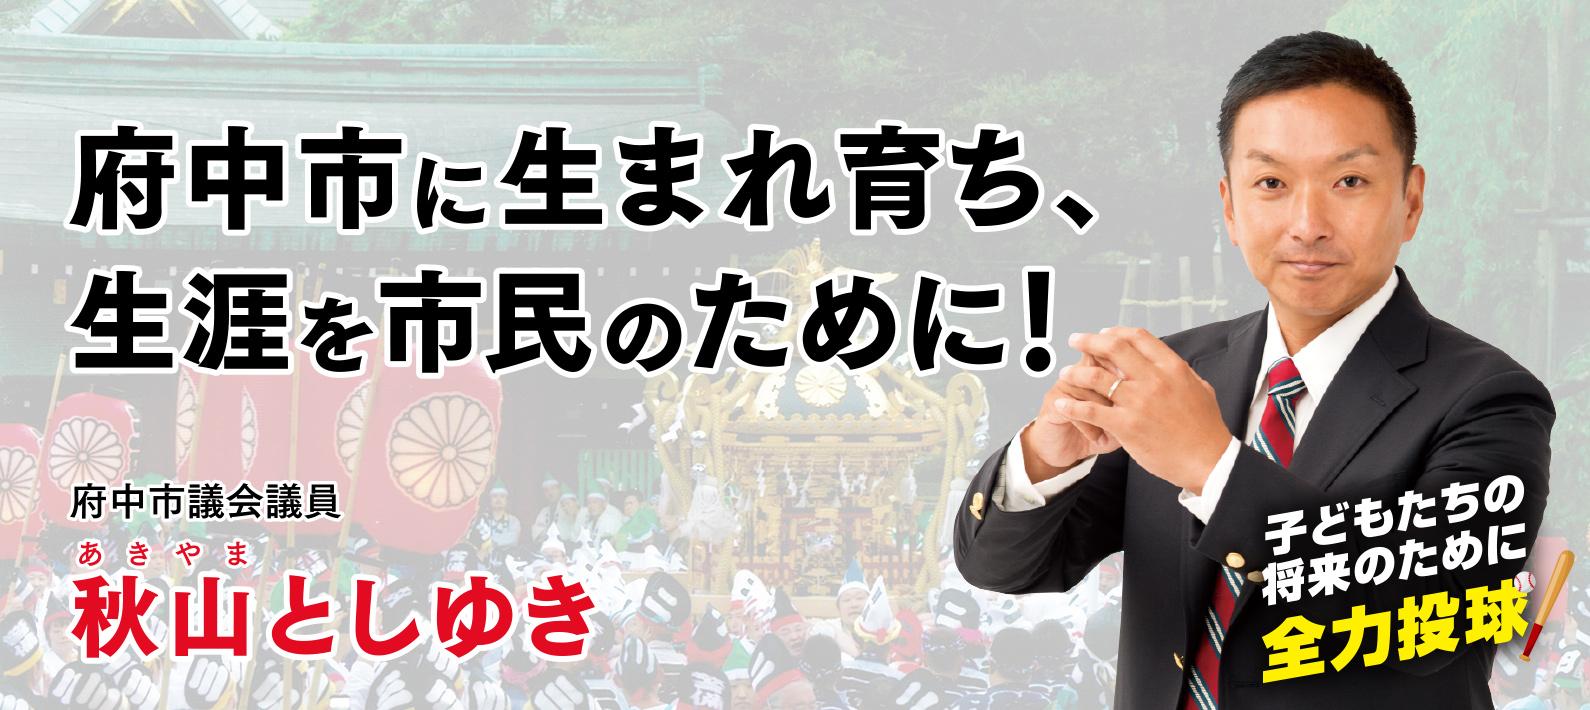 秋山としゆき 府中市に生まれ育ち、生涯を市民のために!